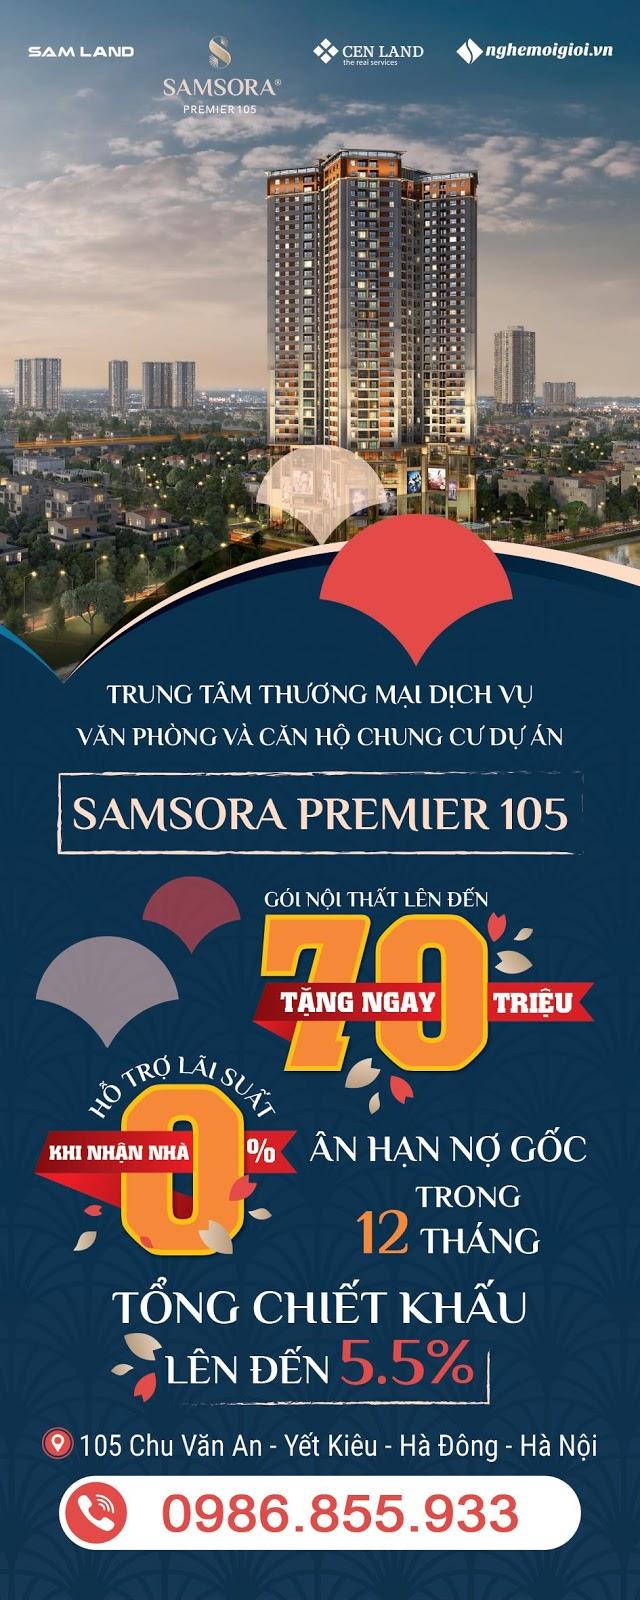 Chung cư Samsora Premier 105 mở bán chỉ từ 450 triệu